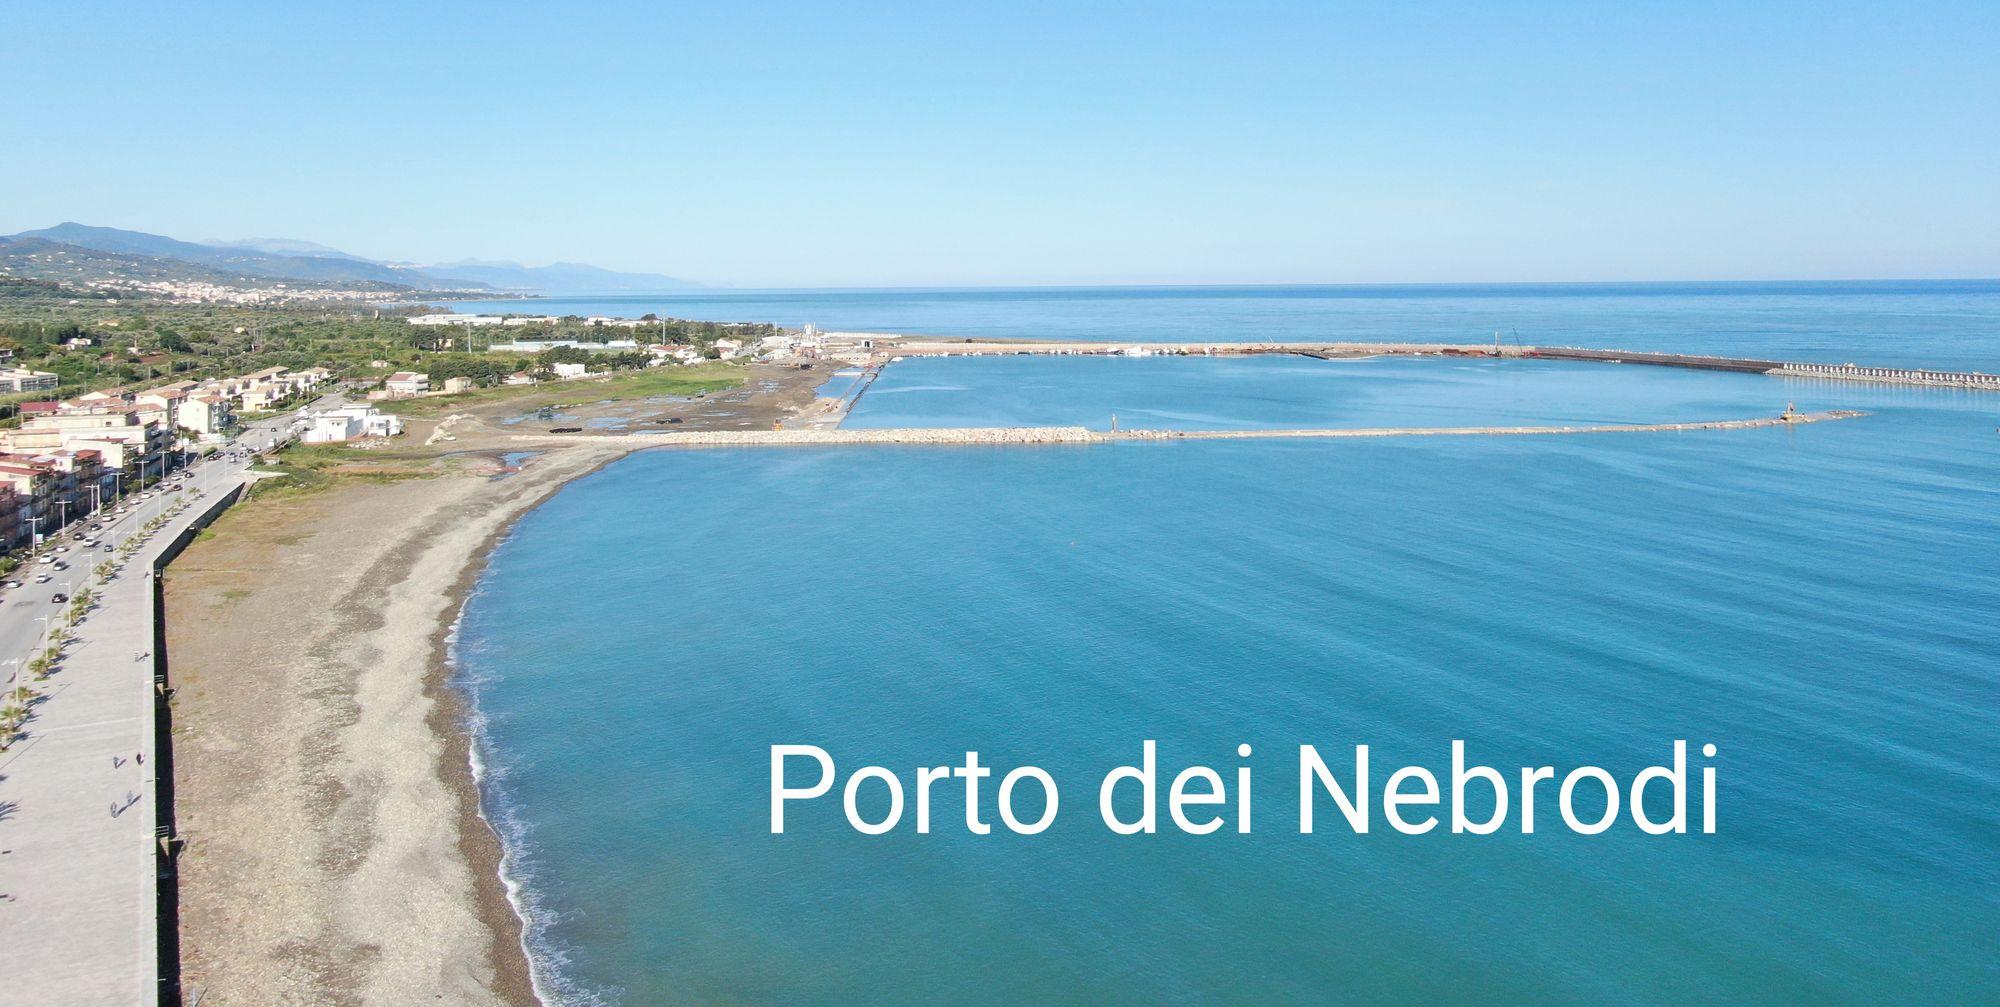 Porto dei Nebrodi Sant'Agata di Militello